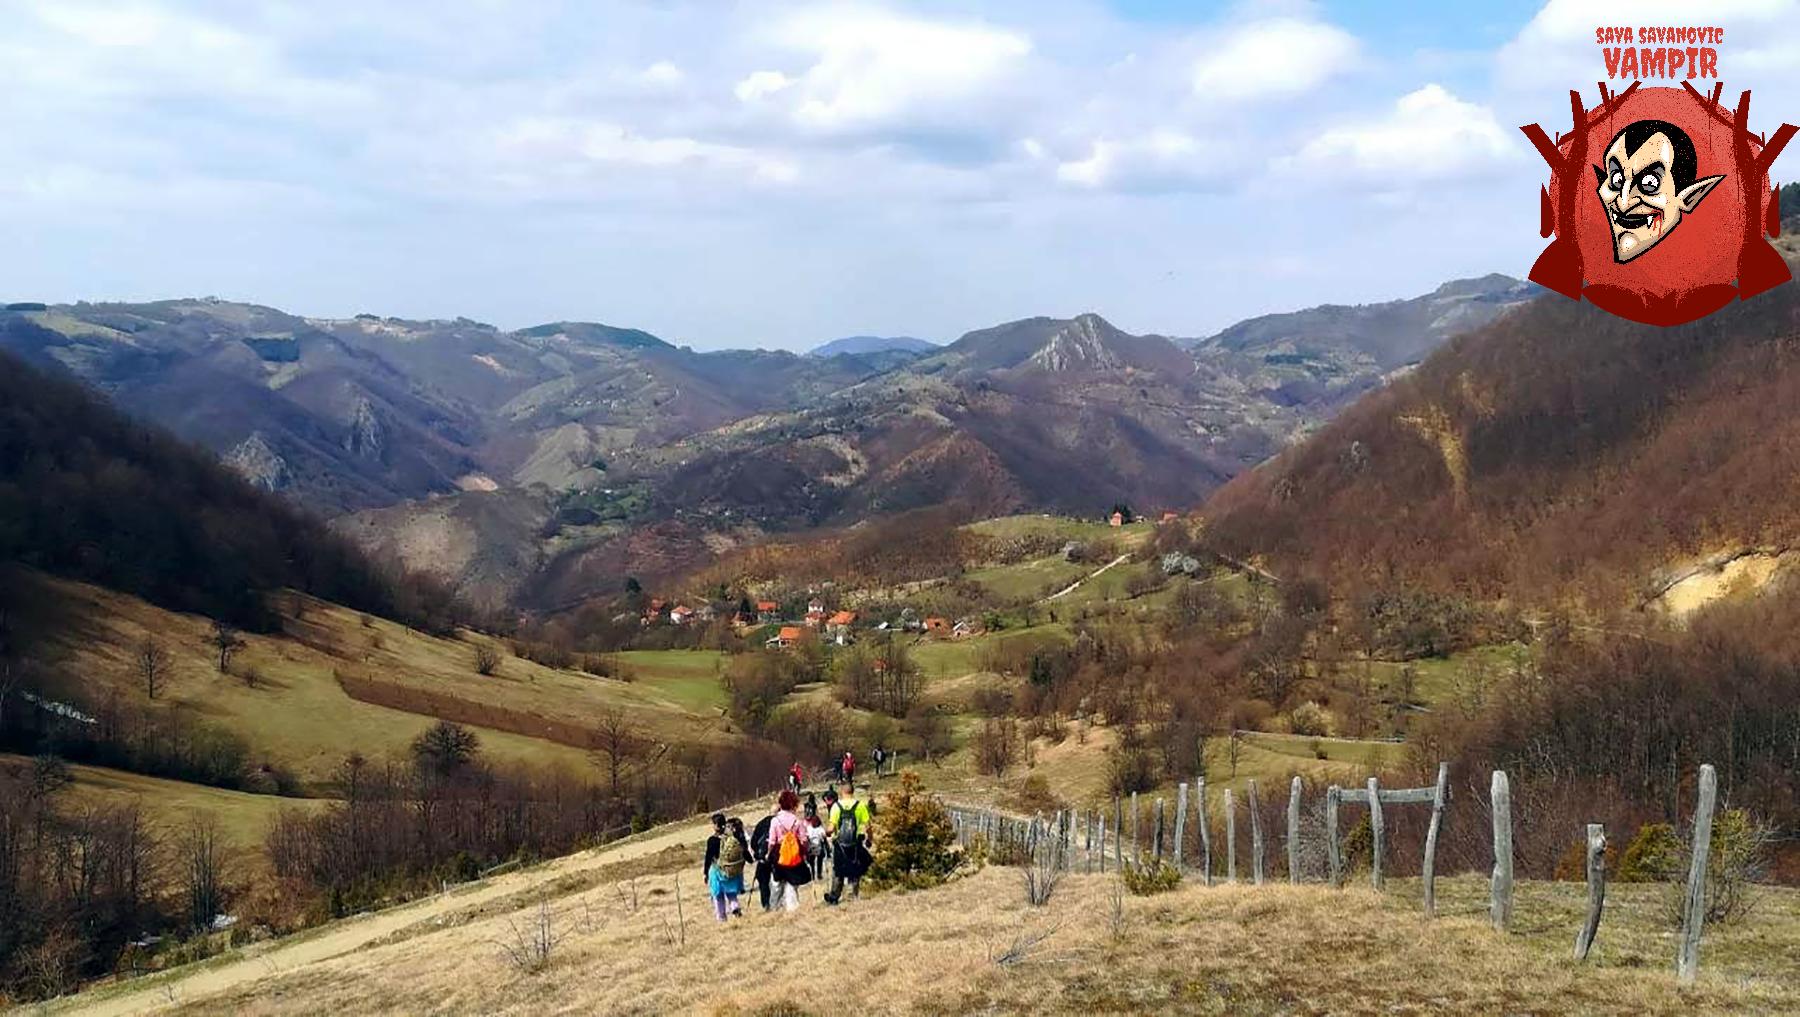 Kanjon Rogačice, Zarožje, vodenica Save Savanovića